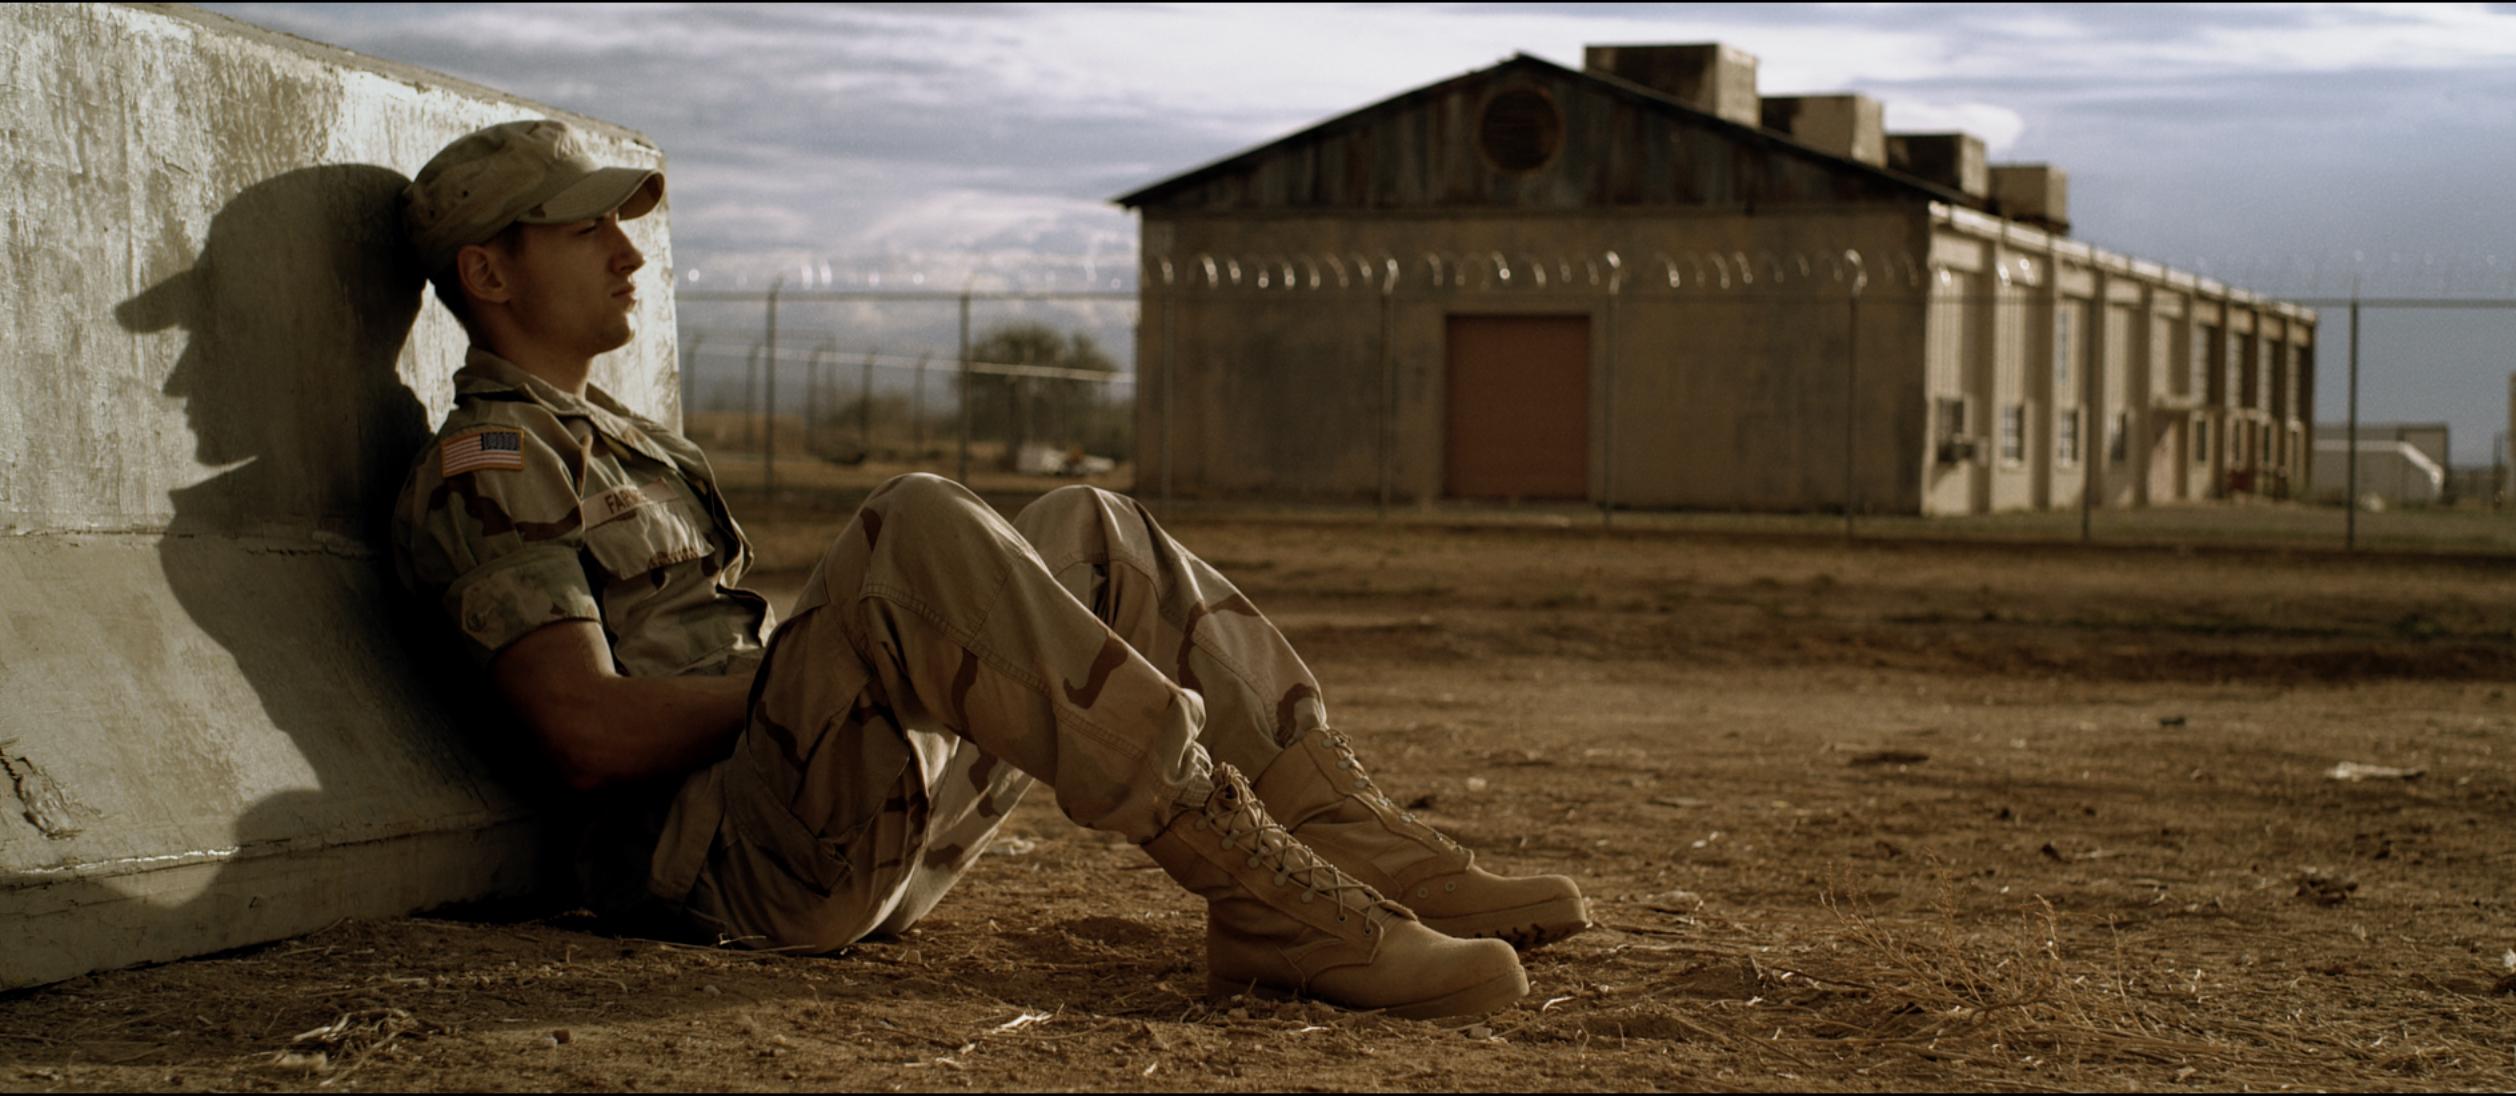 Boys of Abu Ghraib (2014)